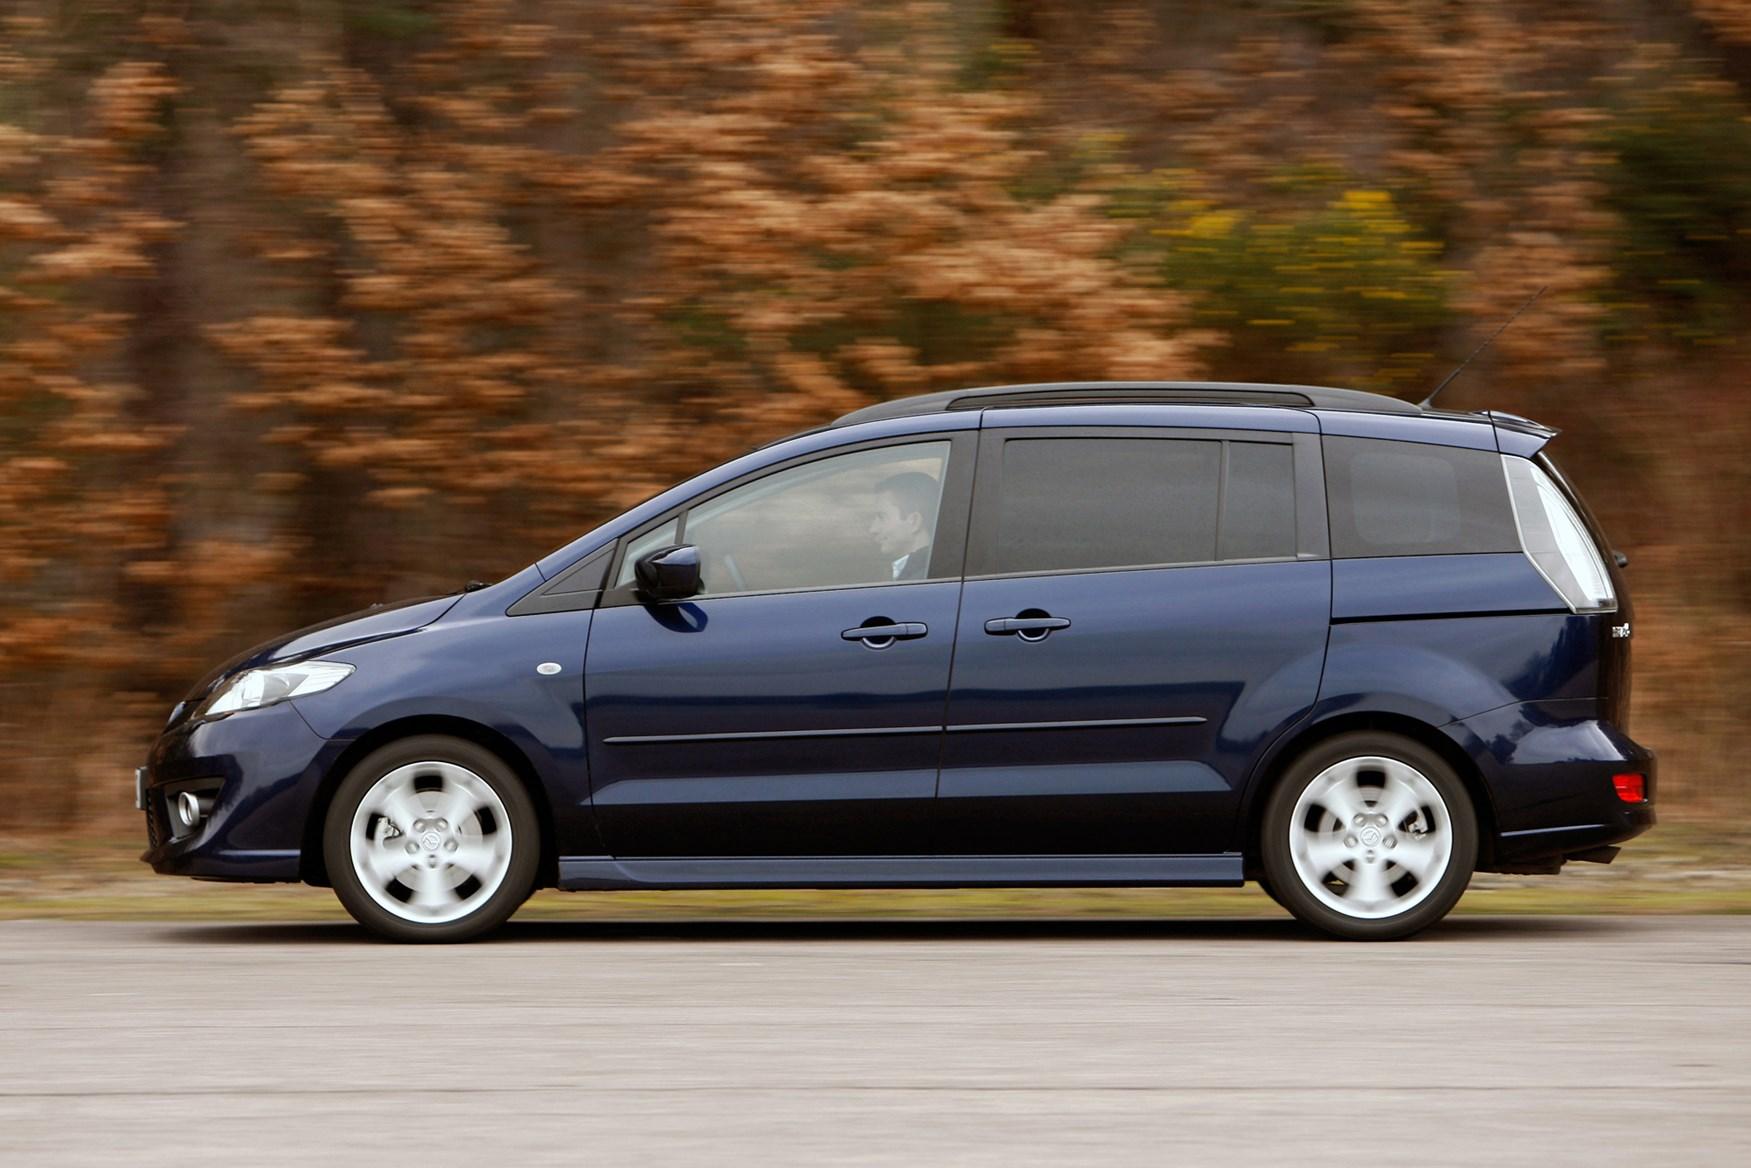 Kelebihan Mazda 5 2005 Top Model Tahun Ini